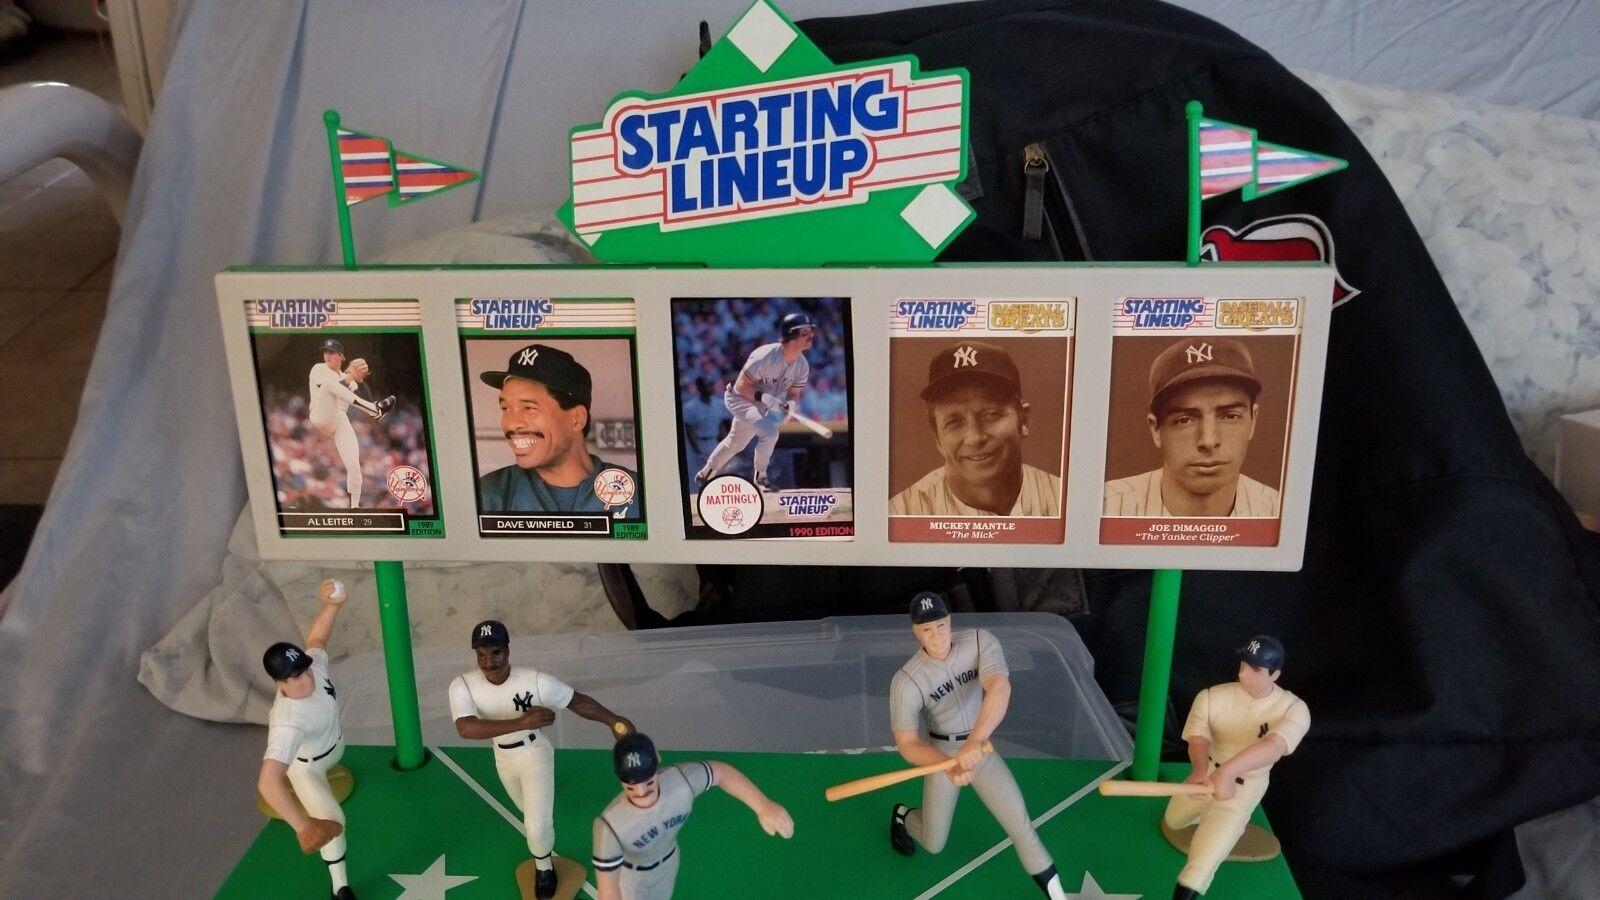 1988 starting lineup Display of NY Yankees